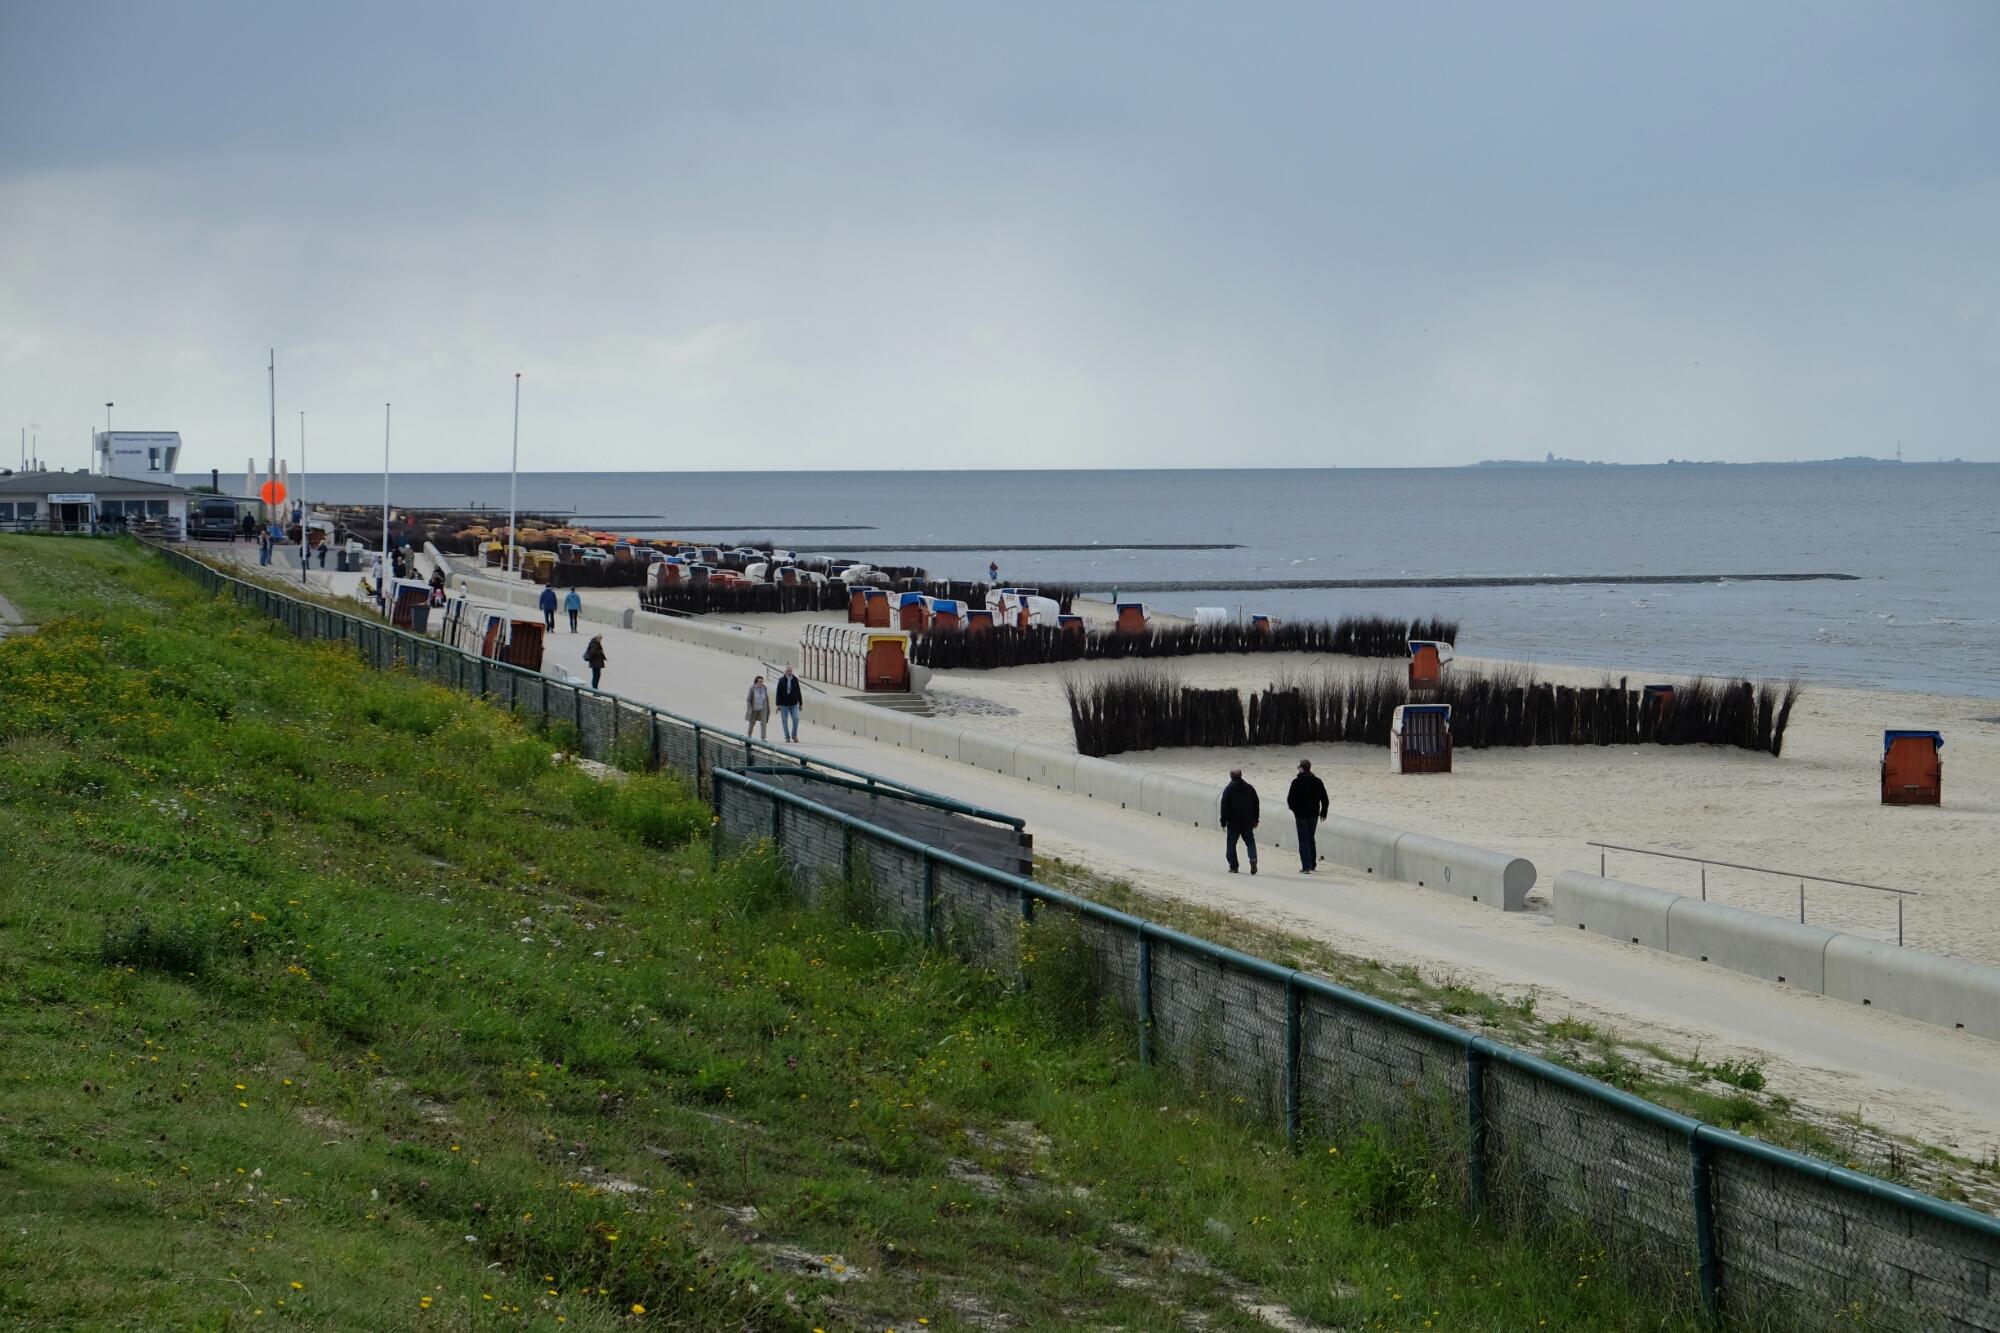 Strand von Cuxhaven